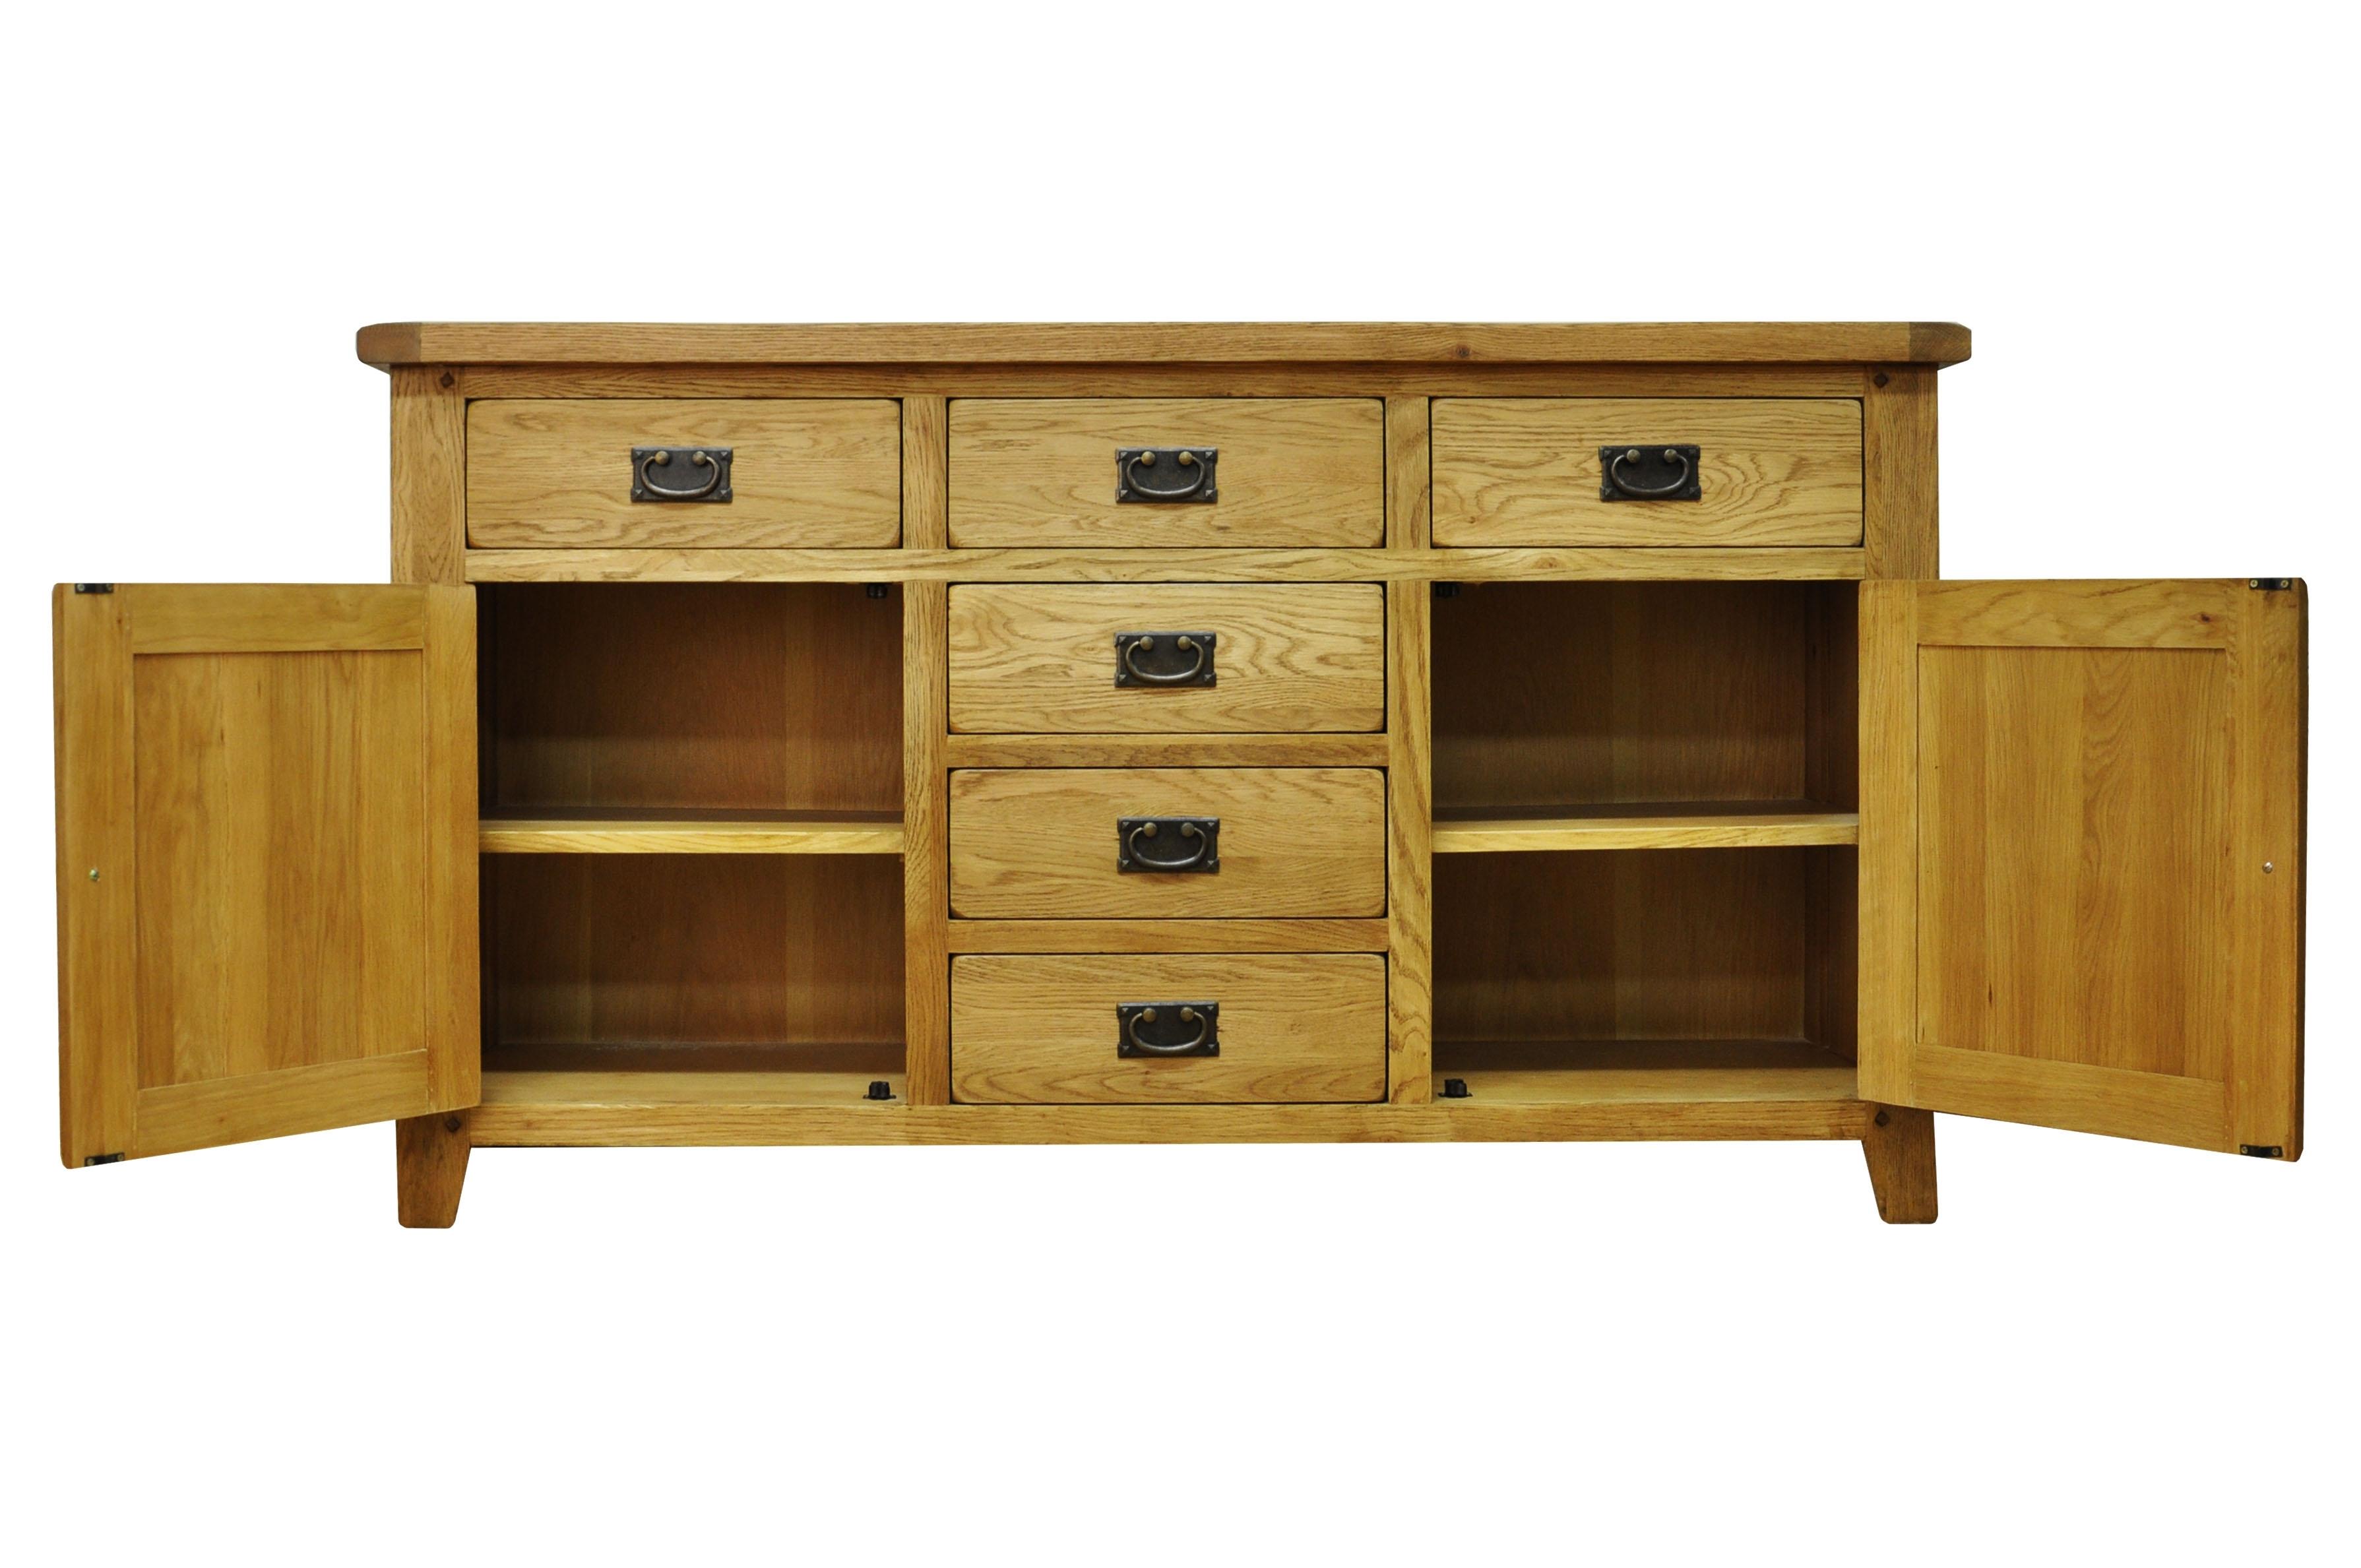 Thornton Oak Large 2 Door 6 Drawer Sideboard intended for 2-Drawer Sideboards (Image 29 of 30)